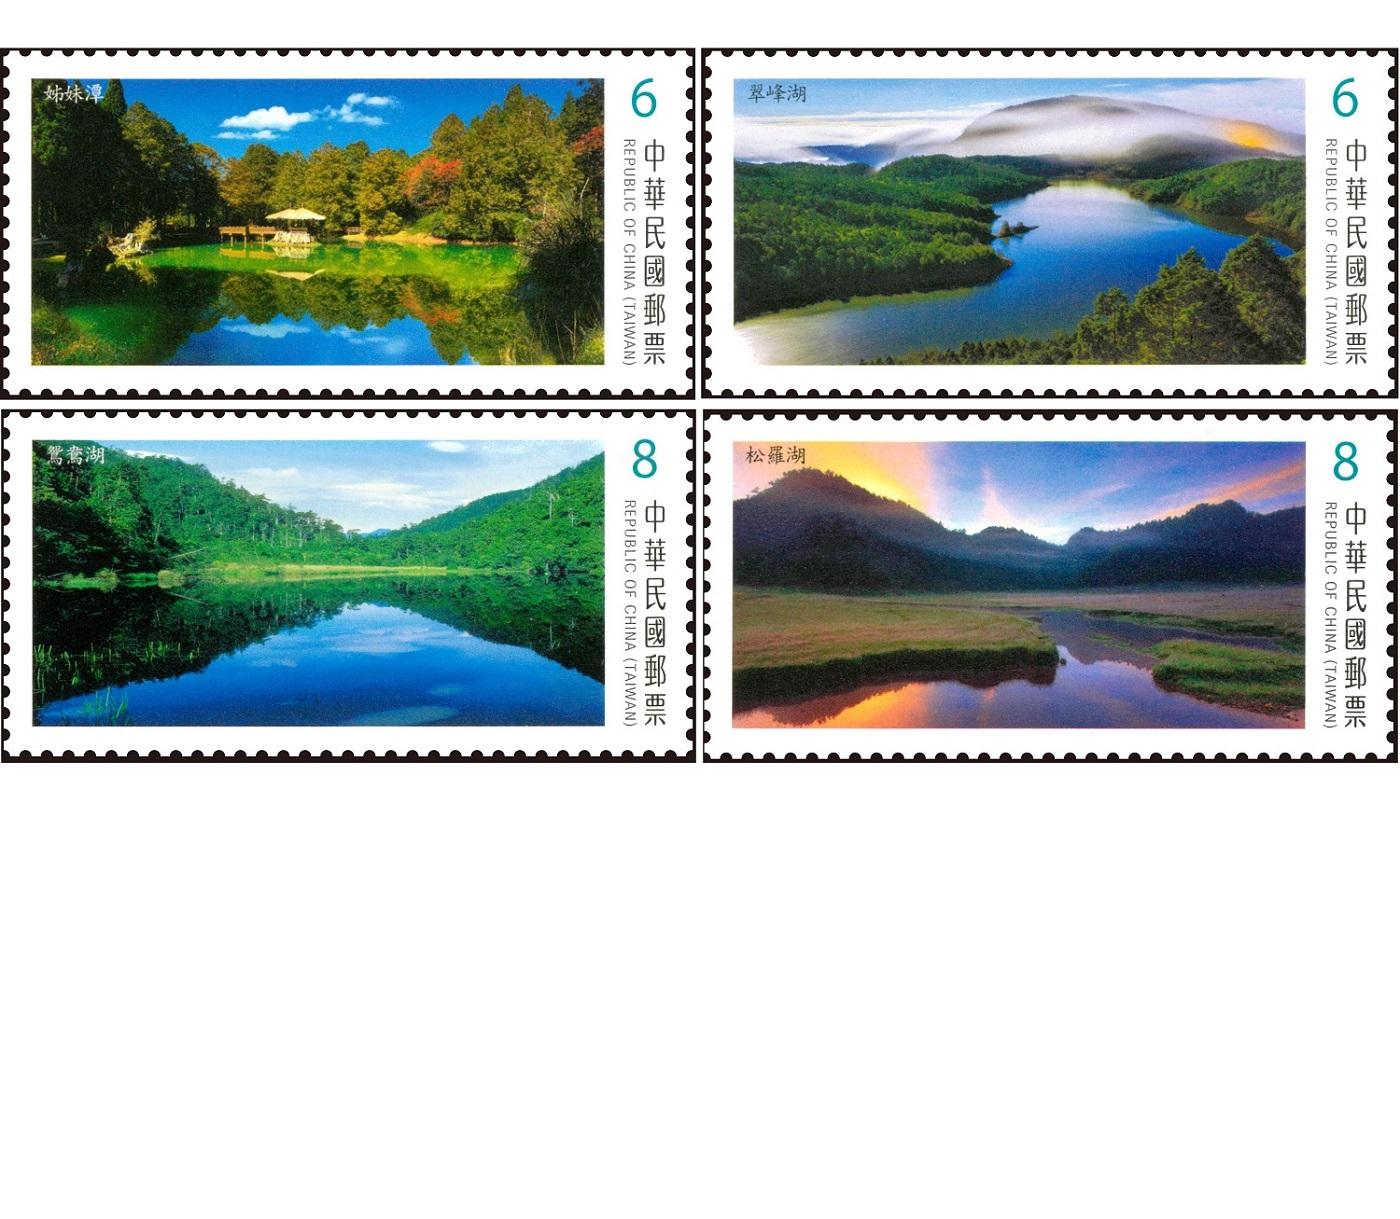 臺灣高山湖泊郵票(第3輯)